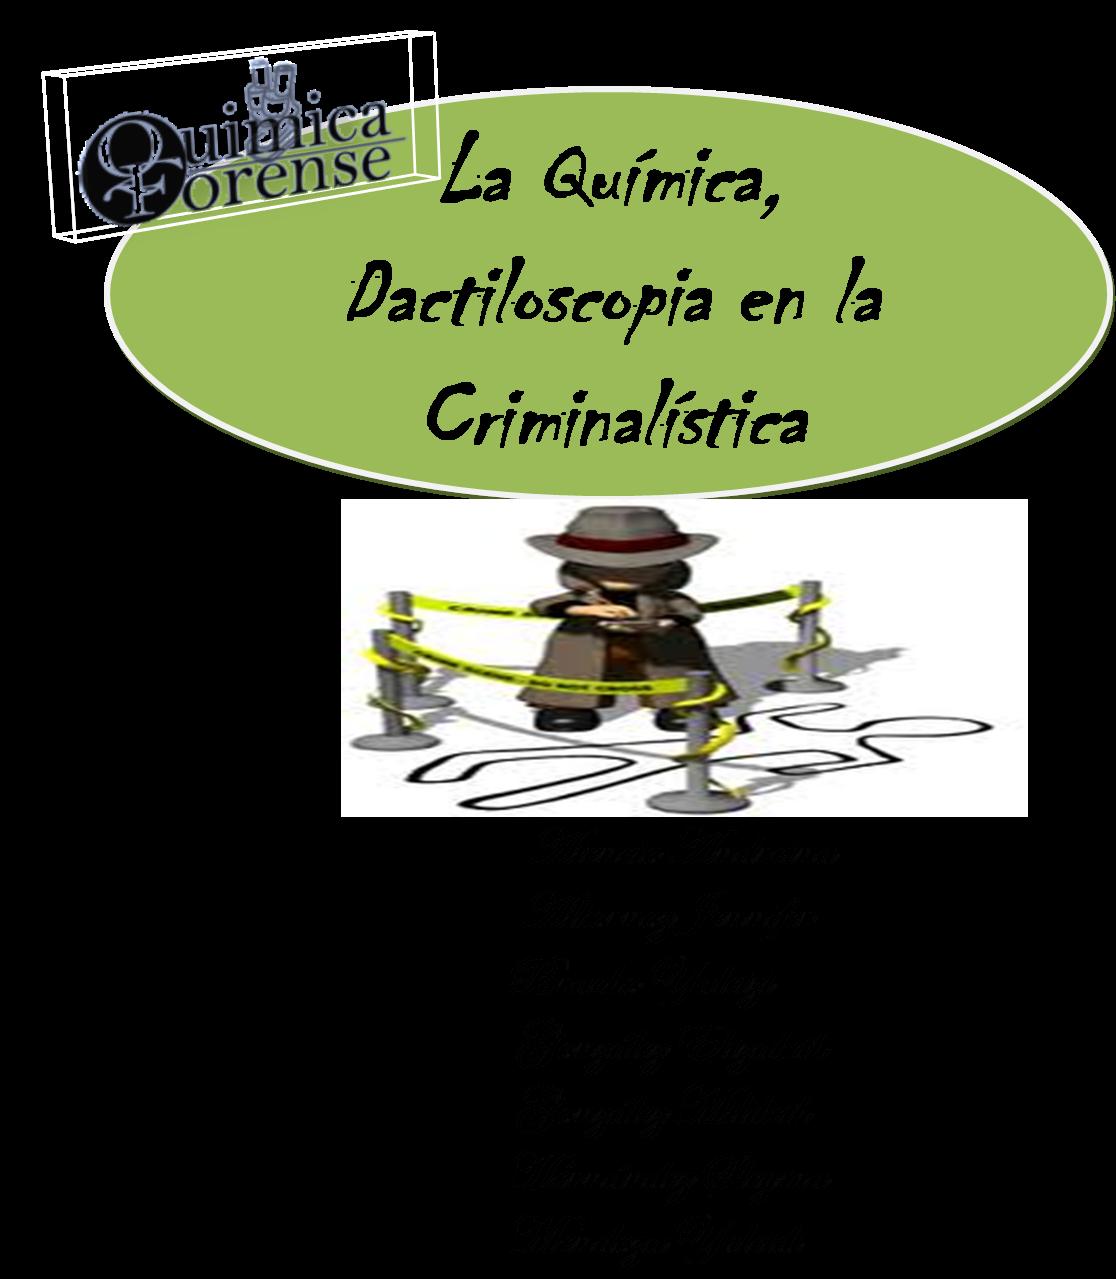 La qu mica dactiloscopia en la criminal stica la qu mica for La quimica de la cocina